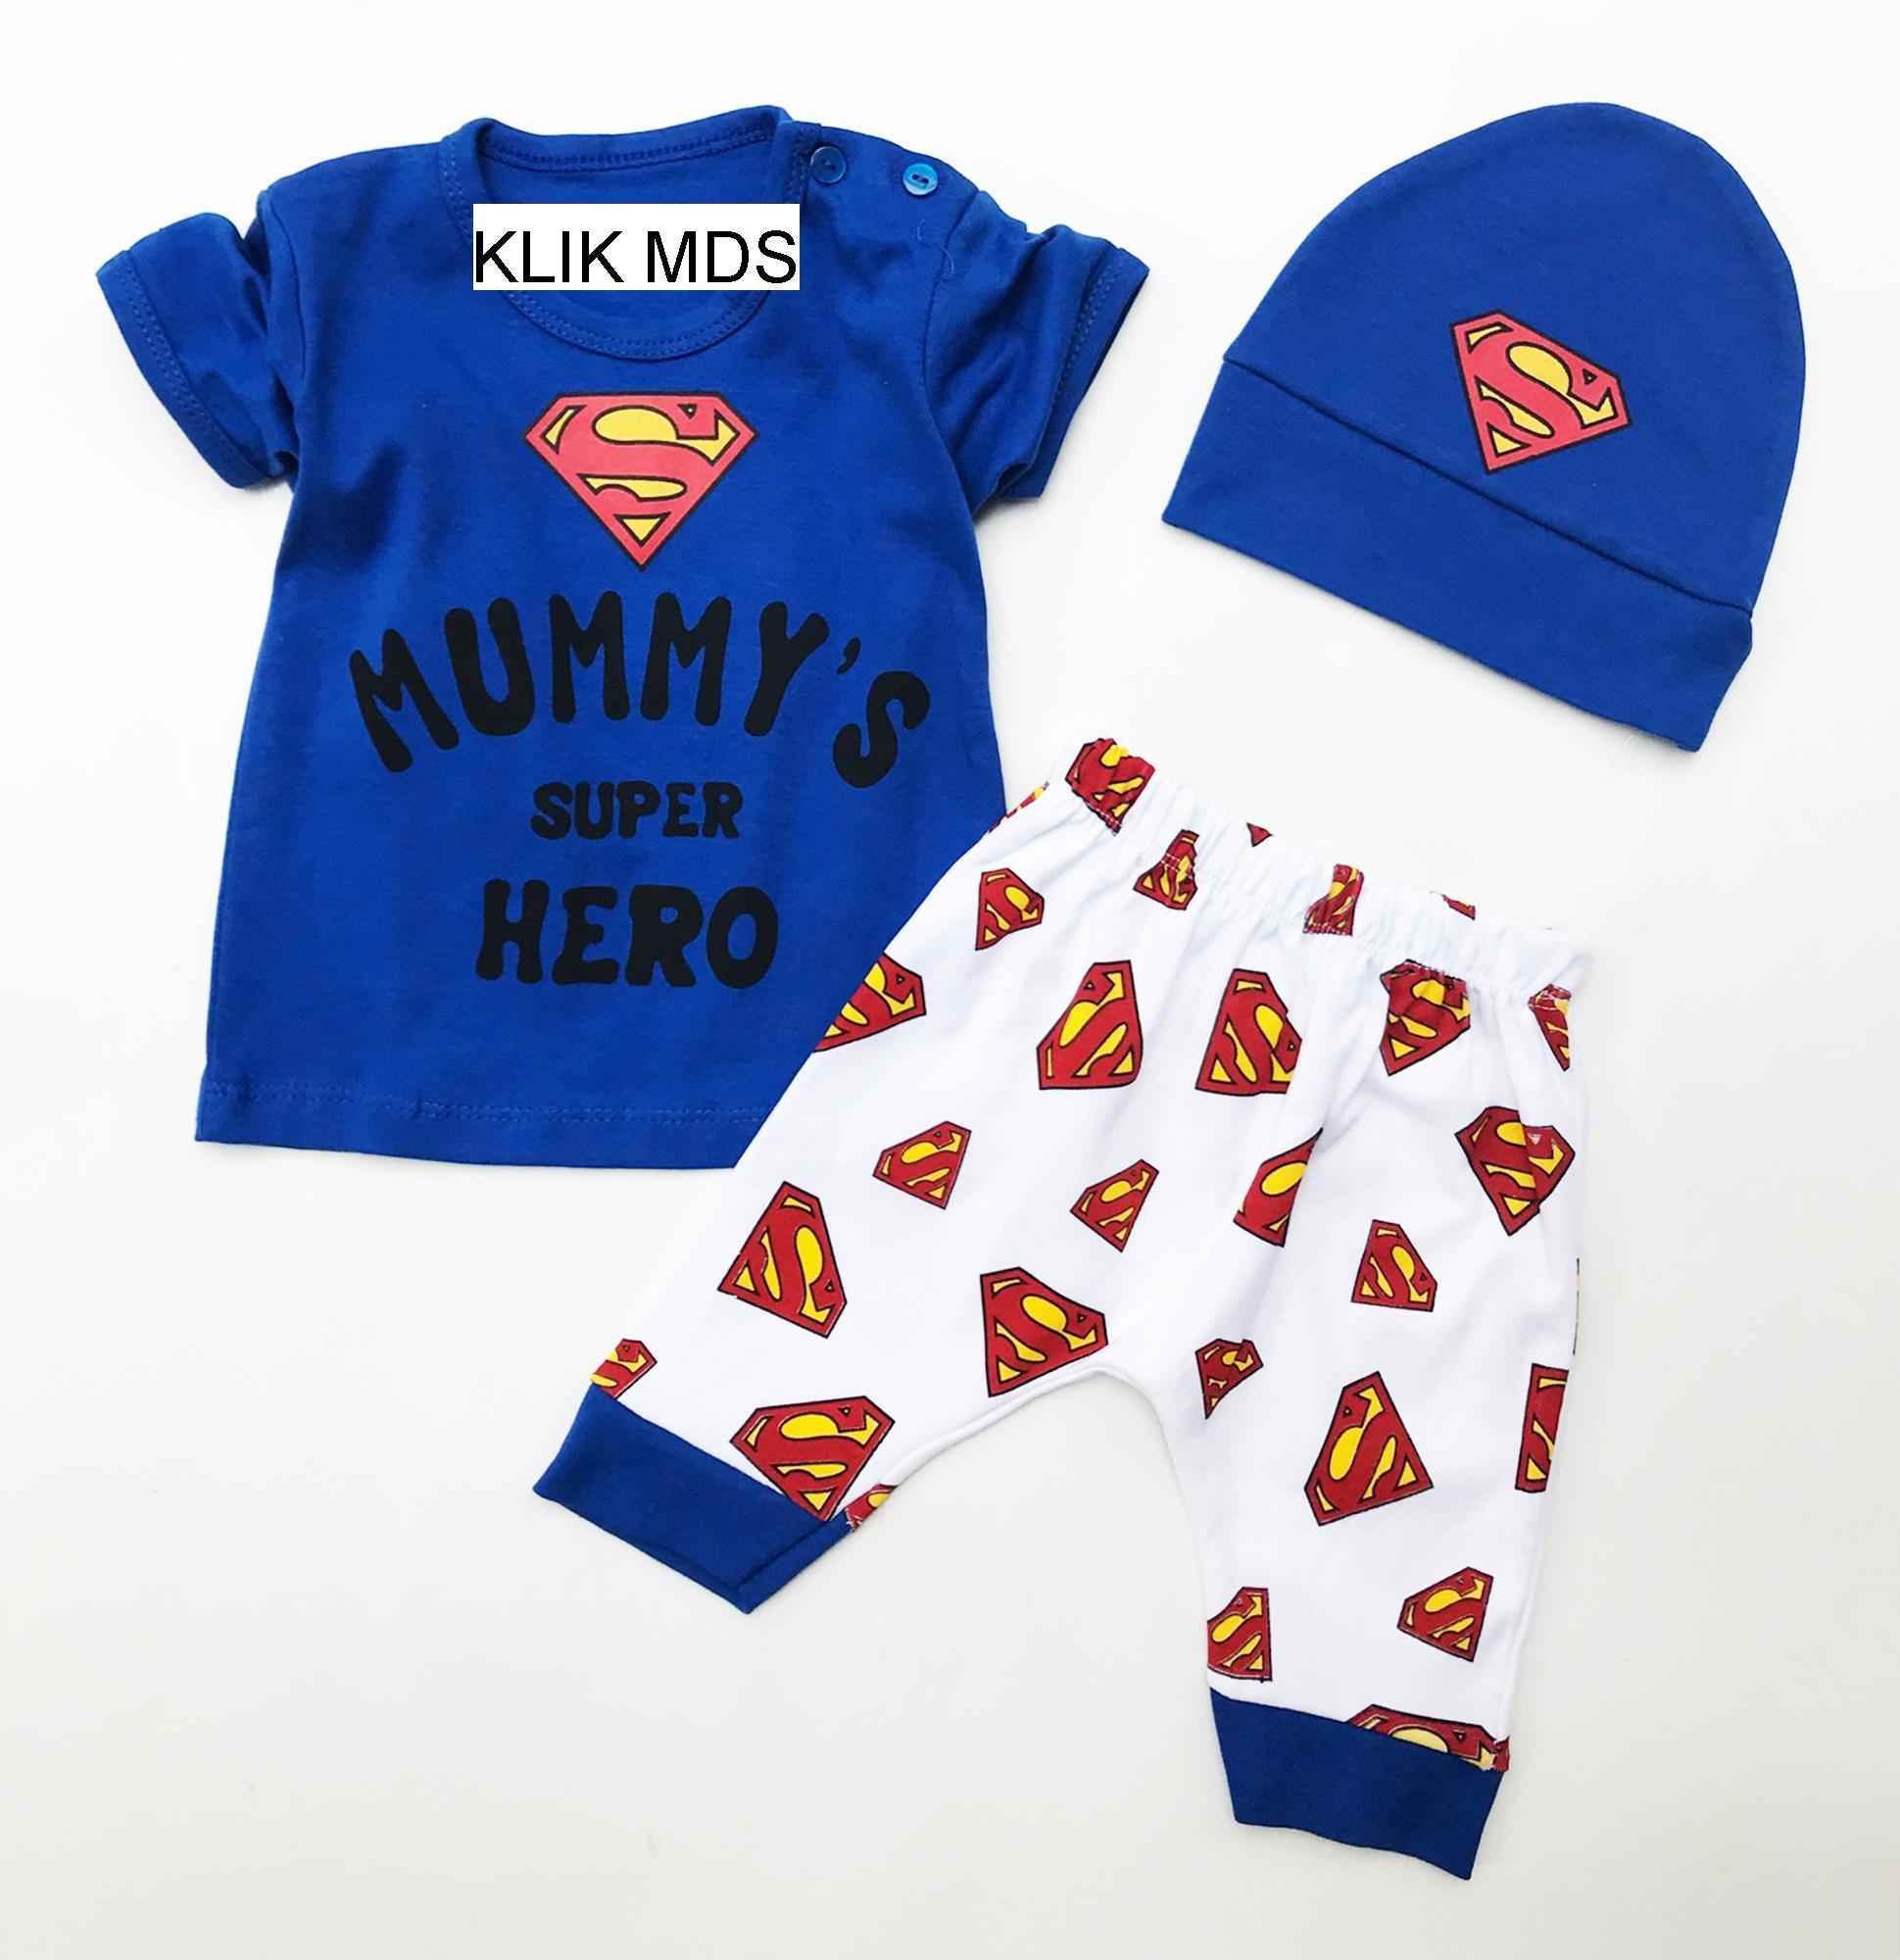 Cek Harga Baru Klik Mds Baju Anak Bayi Setelan Atasan Dan Celana Polisi Motif Karakter Mummys Super Hero Free